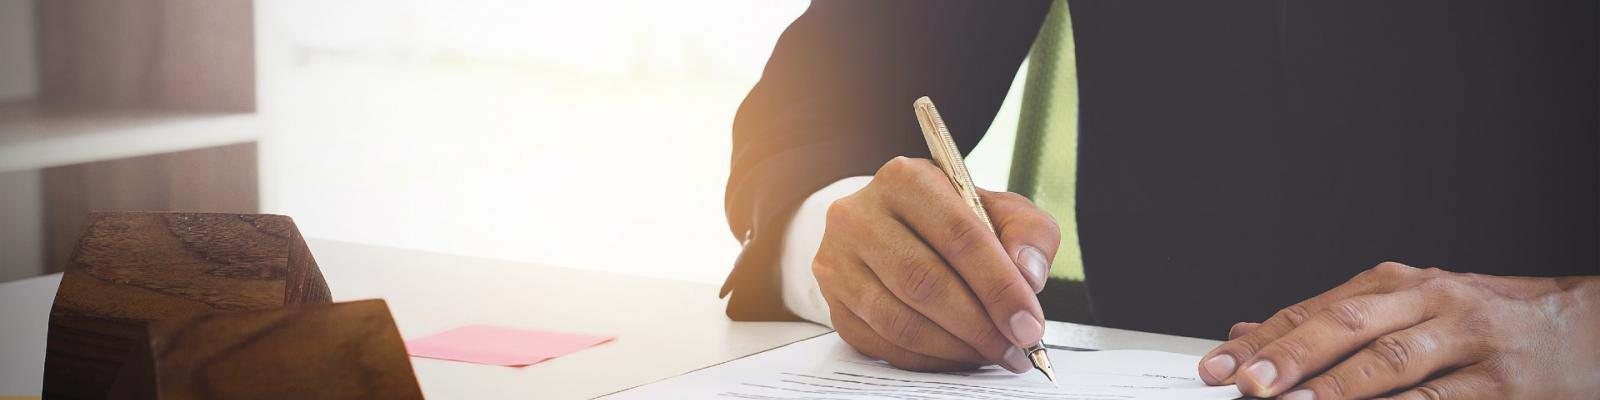 Aansprakelijkheidsverzekeringen en rechtsbijstand (takken 13 en 17)